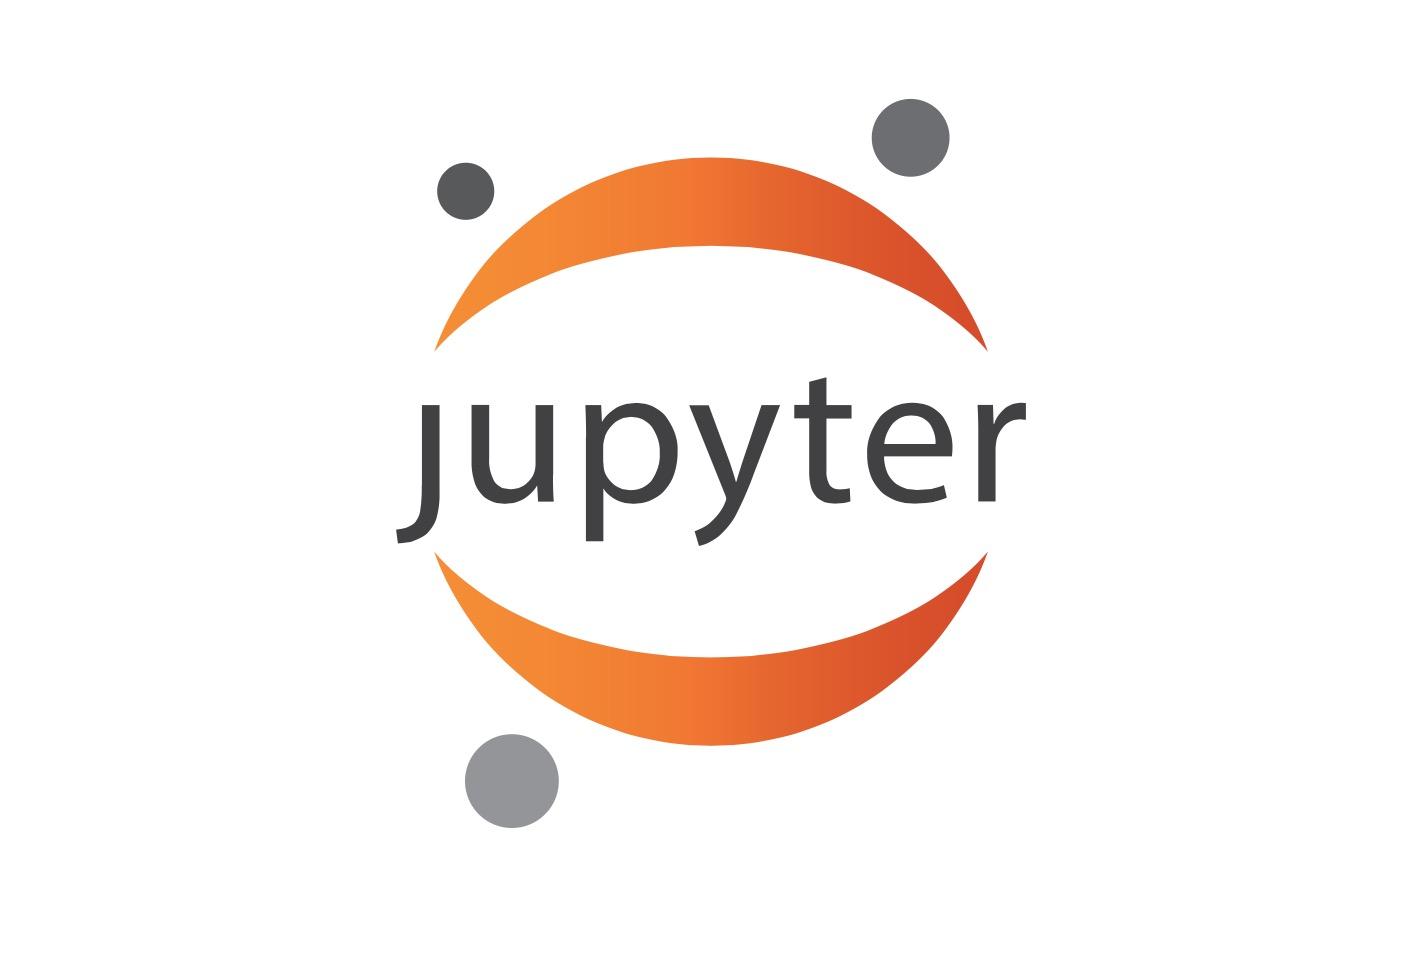 تنسورفلو ۳ - آموزش jupyter notebook